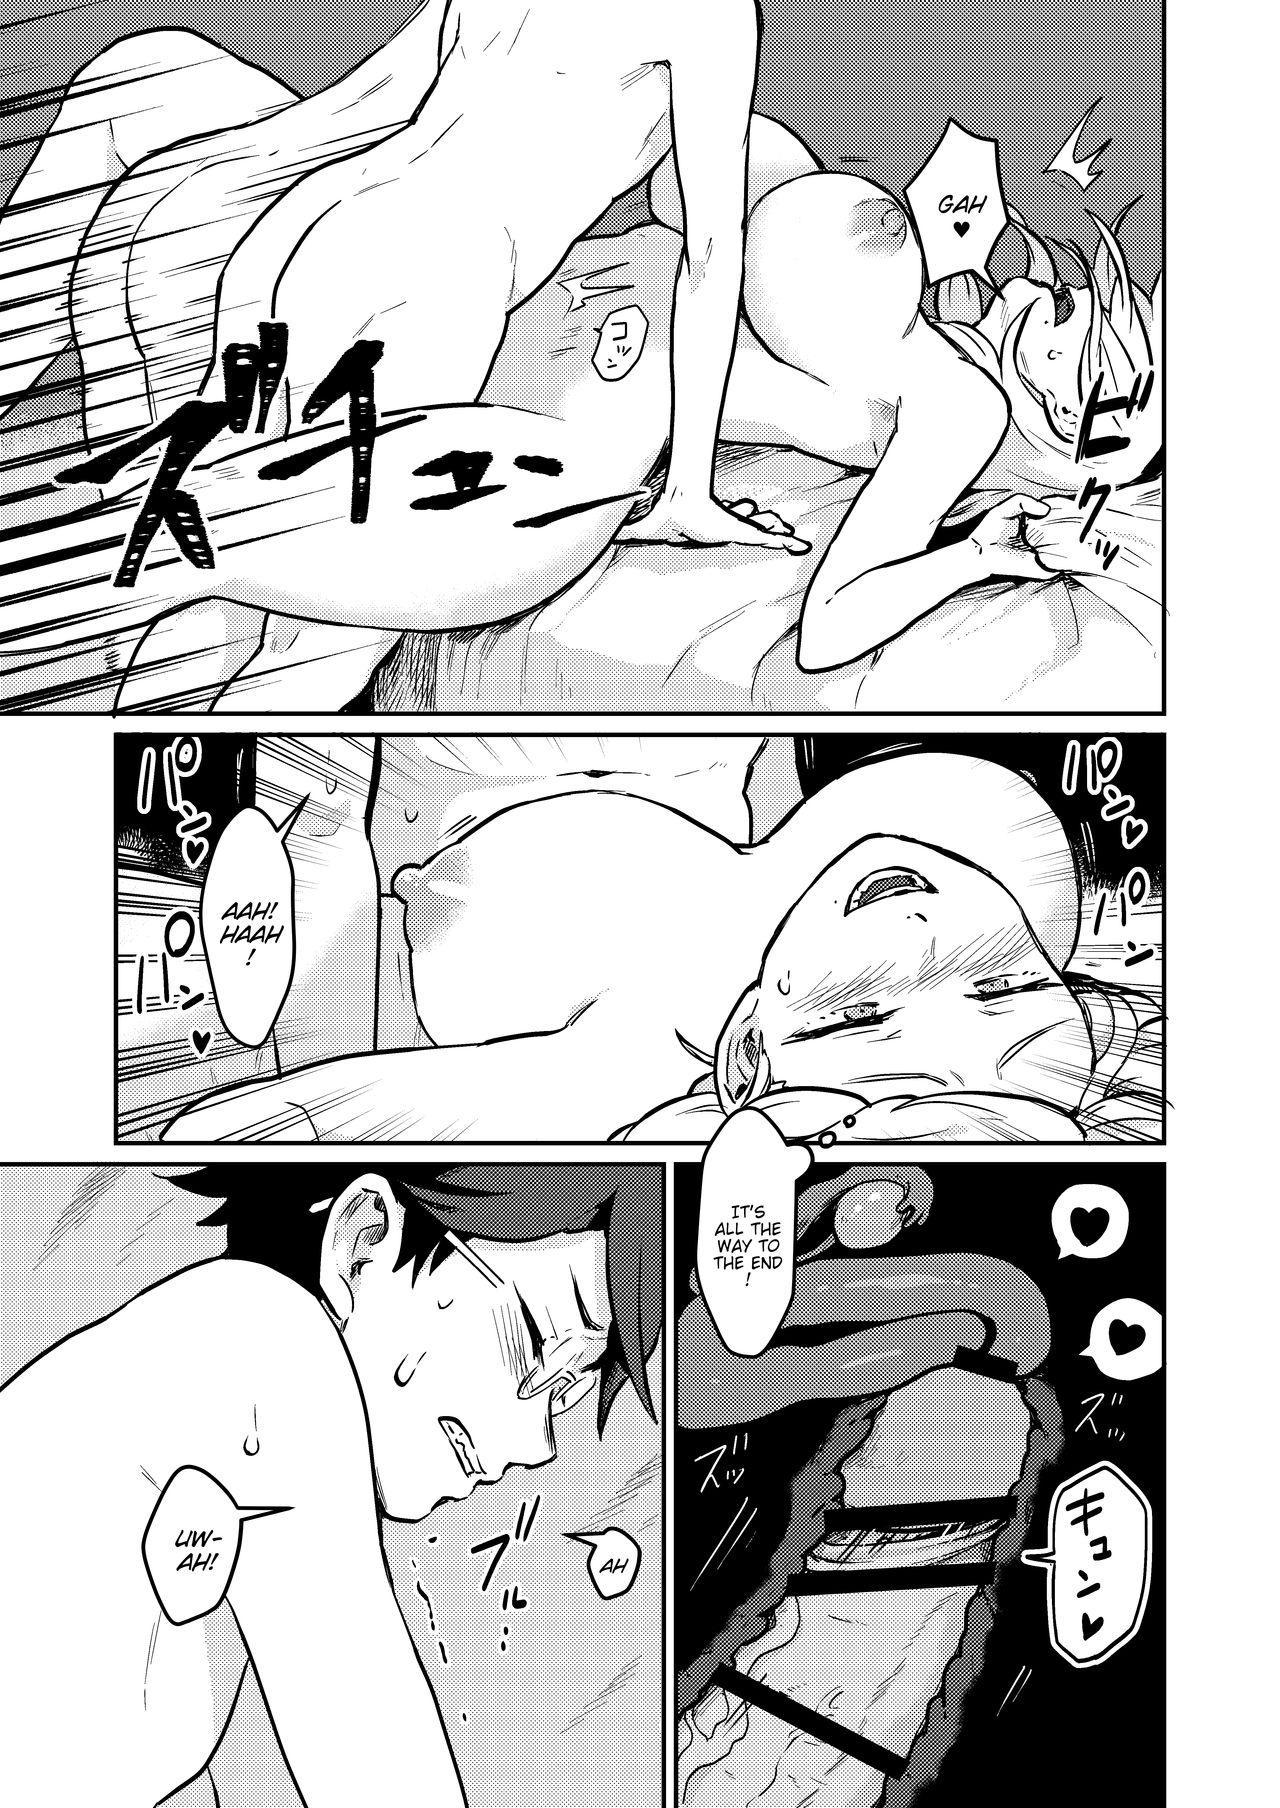 [kitsunekopandanuki (pandanuki)] Tonari no Kirei na Itome Onee-chan wa Hontou wa Dosukebe de Itsumo Boku no Koto o Neratte ita  | The beautiful Itome Onee-chan from next door was always lewdly trying to get to me [English] {WitzMacher} 25